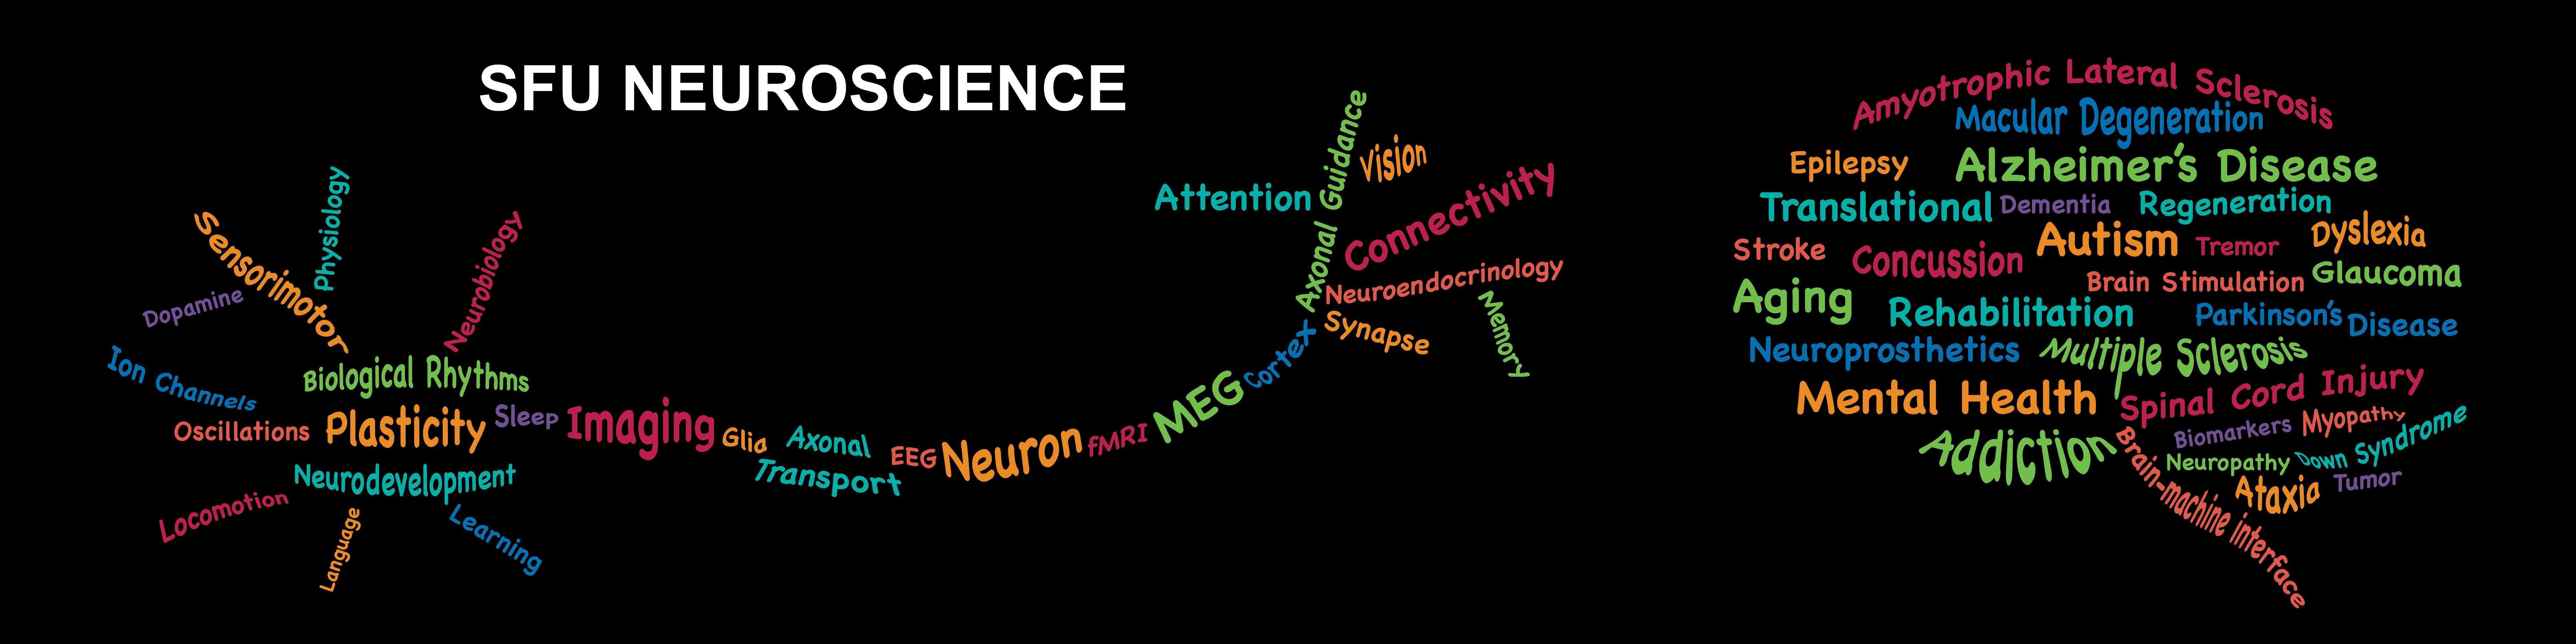 SFU Neuroscience - Simon Fraser University